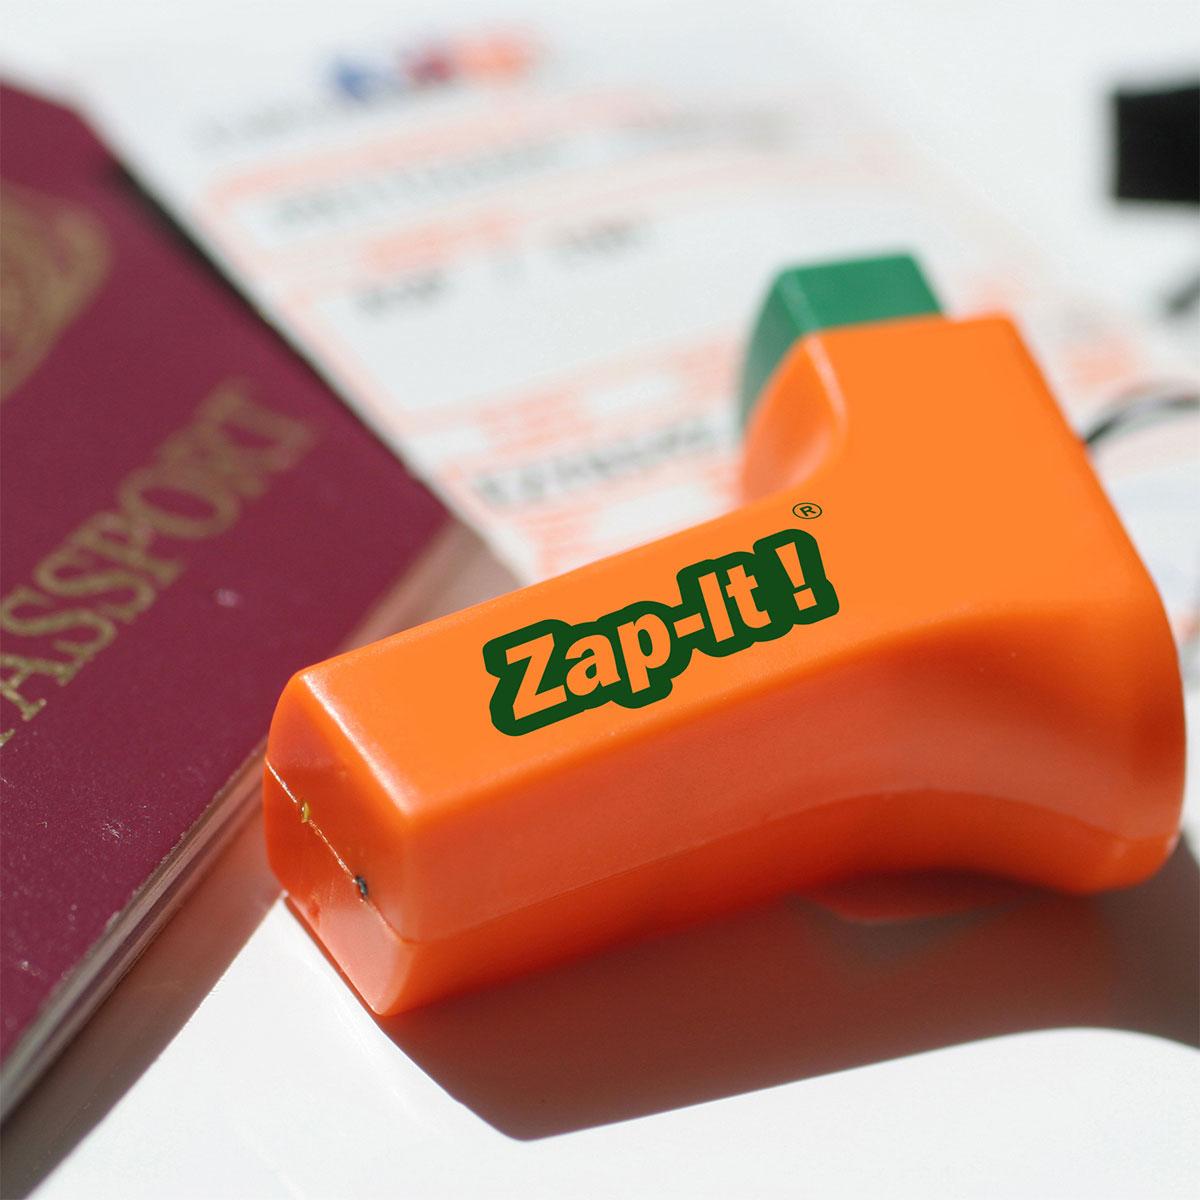 Zap-It! - Schmerzstiller gegen Mückenstiche